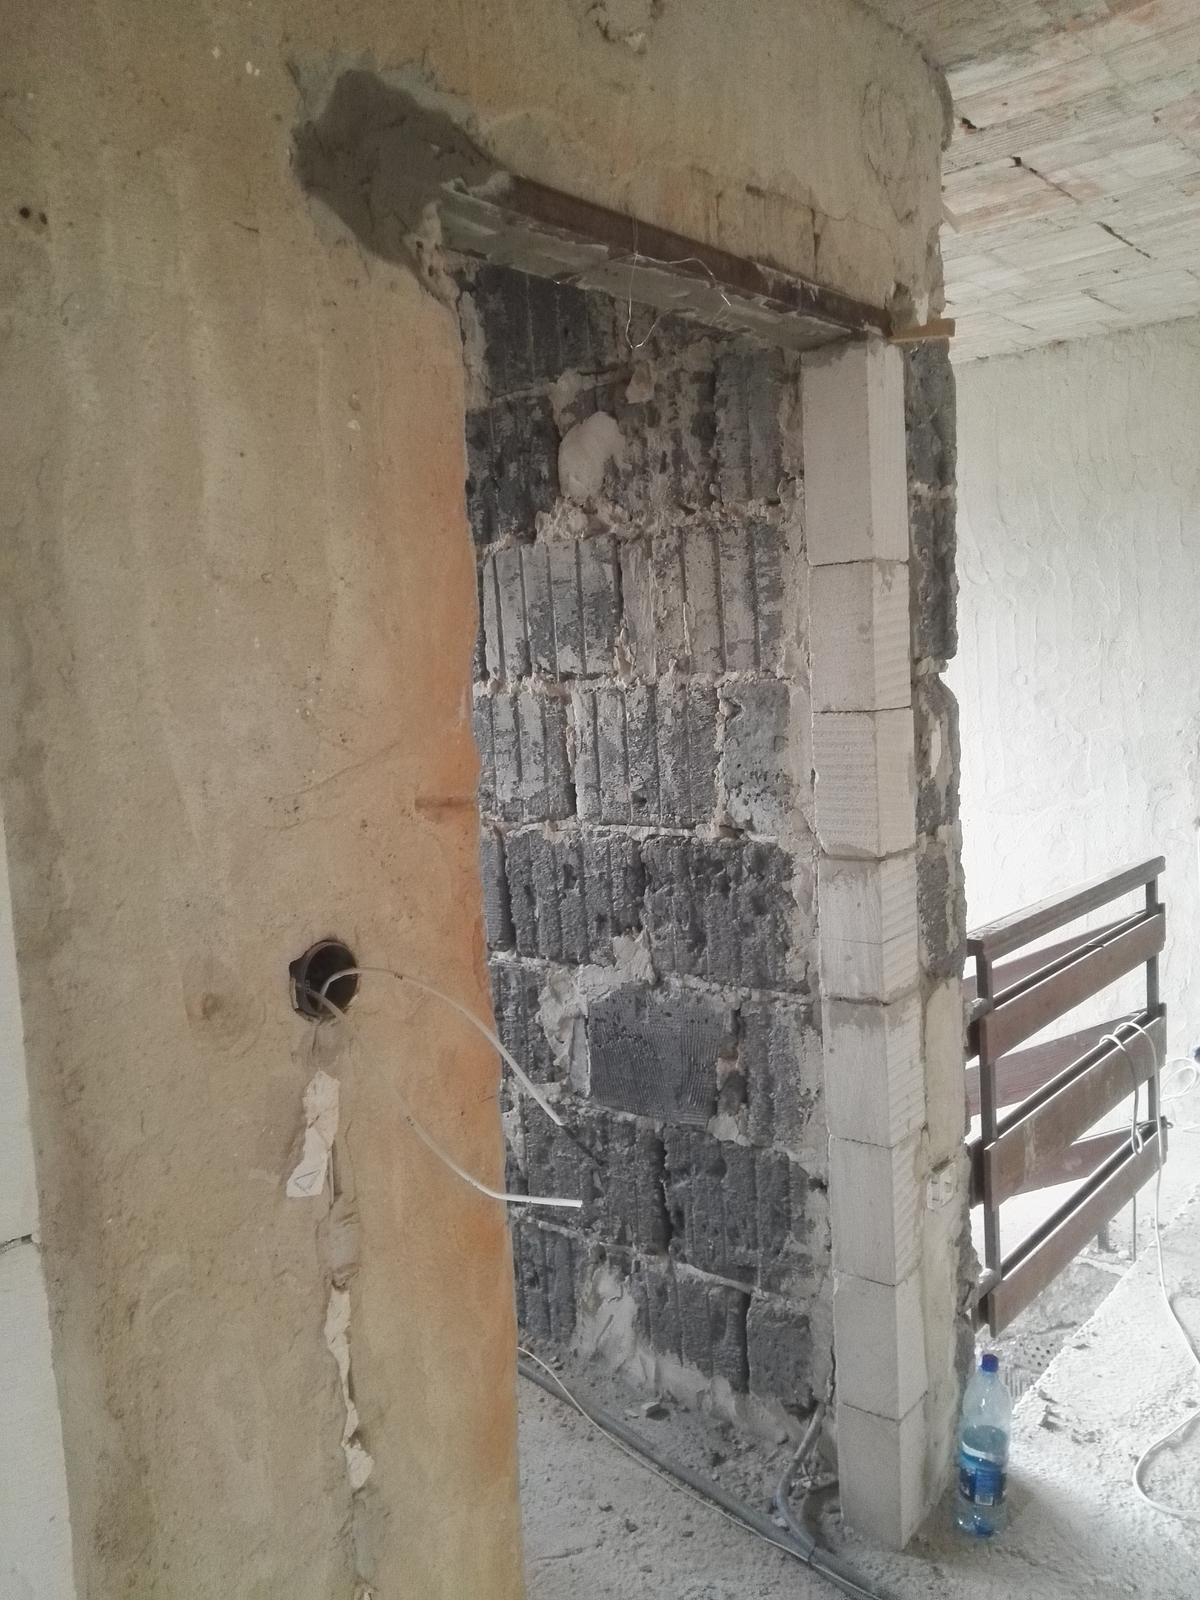 """Rekonstrukcia RD - Na poschodi mali vsetky dvere inu vysku takbsa este prerabali/dorabali preklady. Dalsia """"murarska"""" partia, keby to robi slimak co nema ruky, tak by skoncil asi  hodku po nich."""